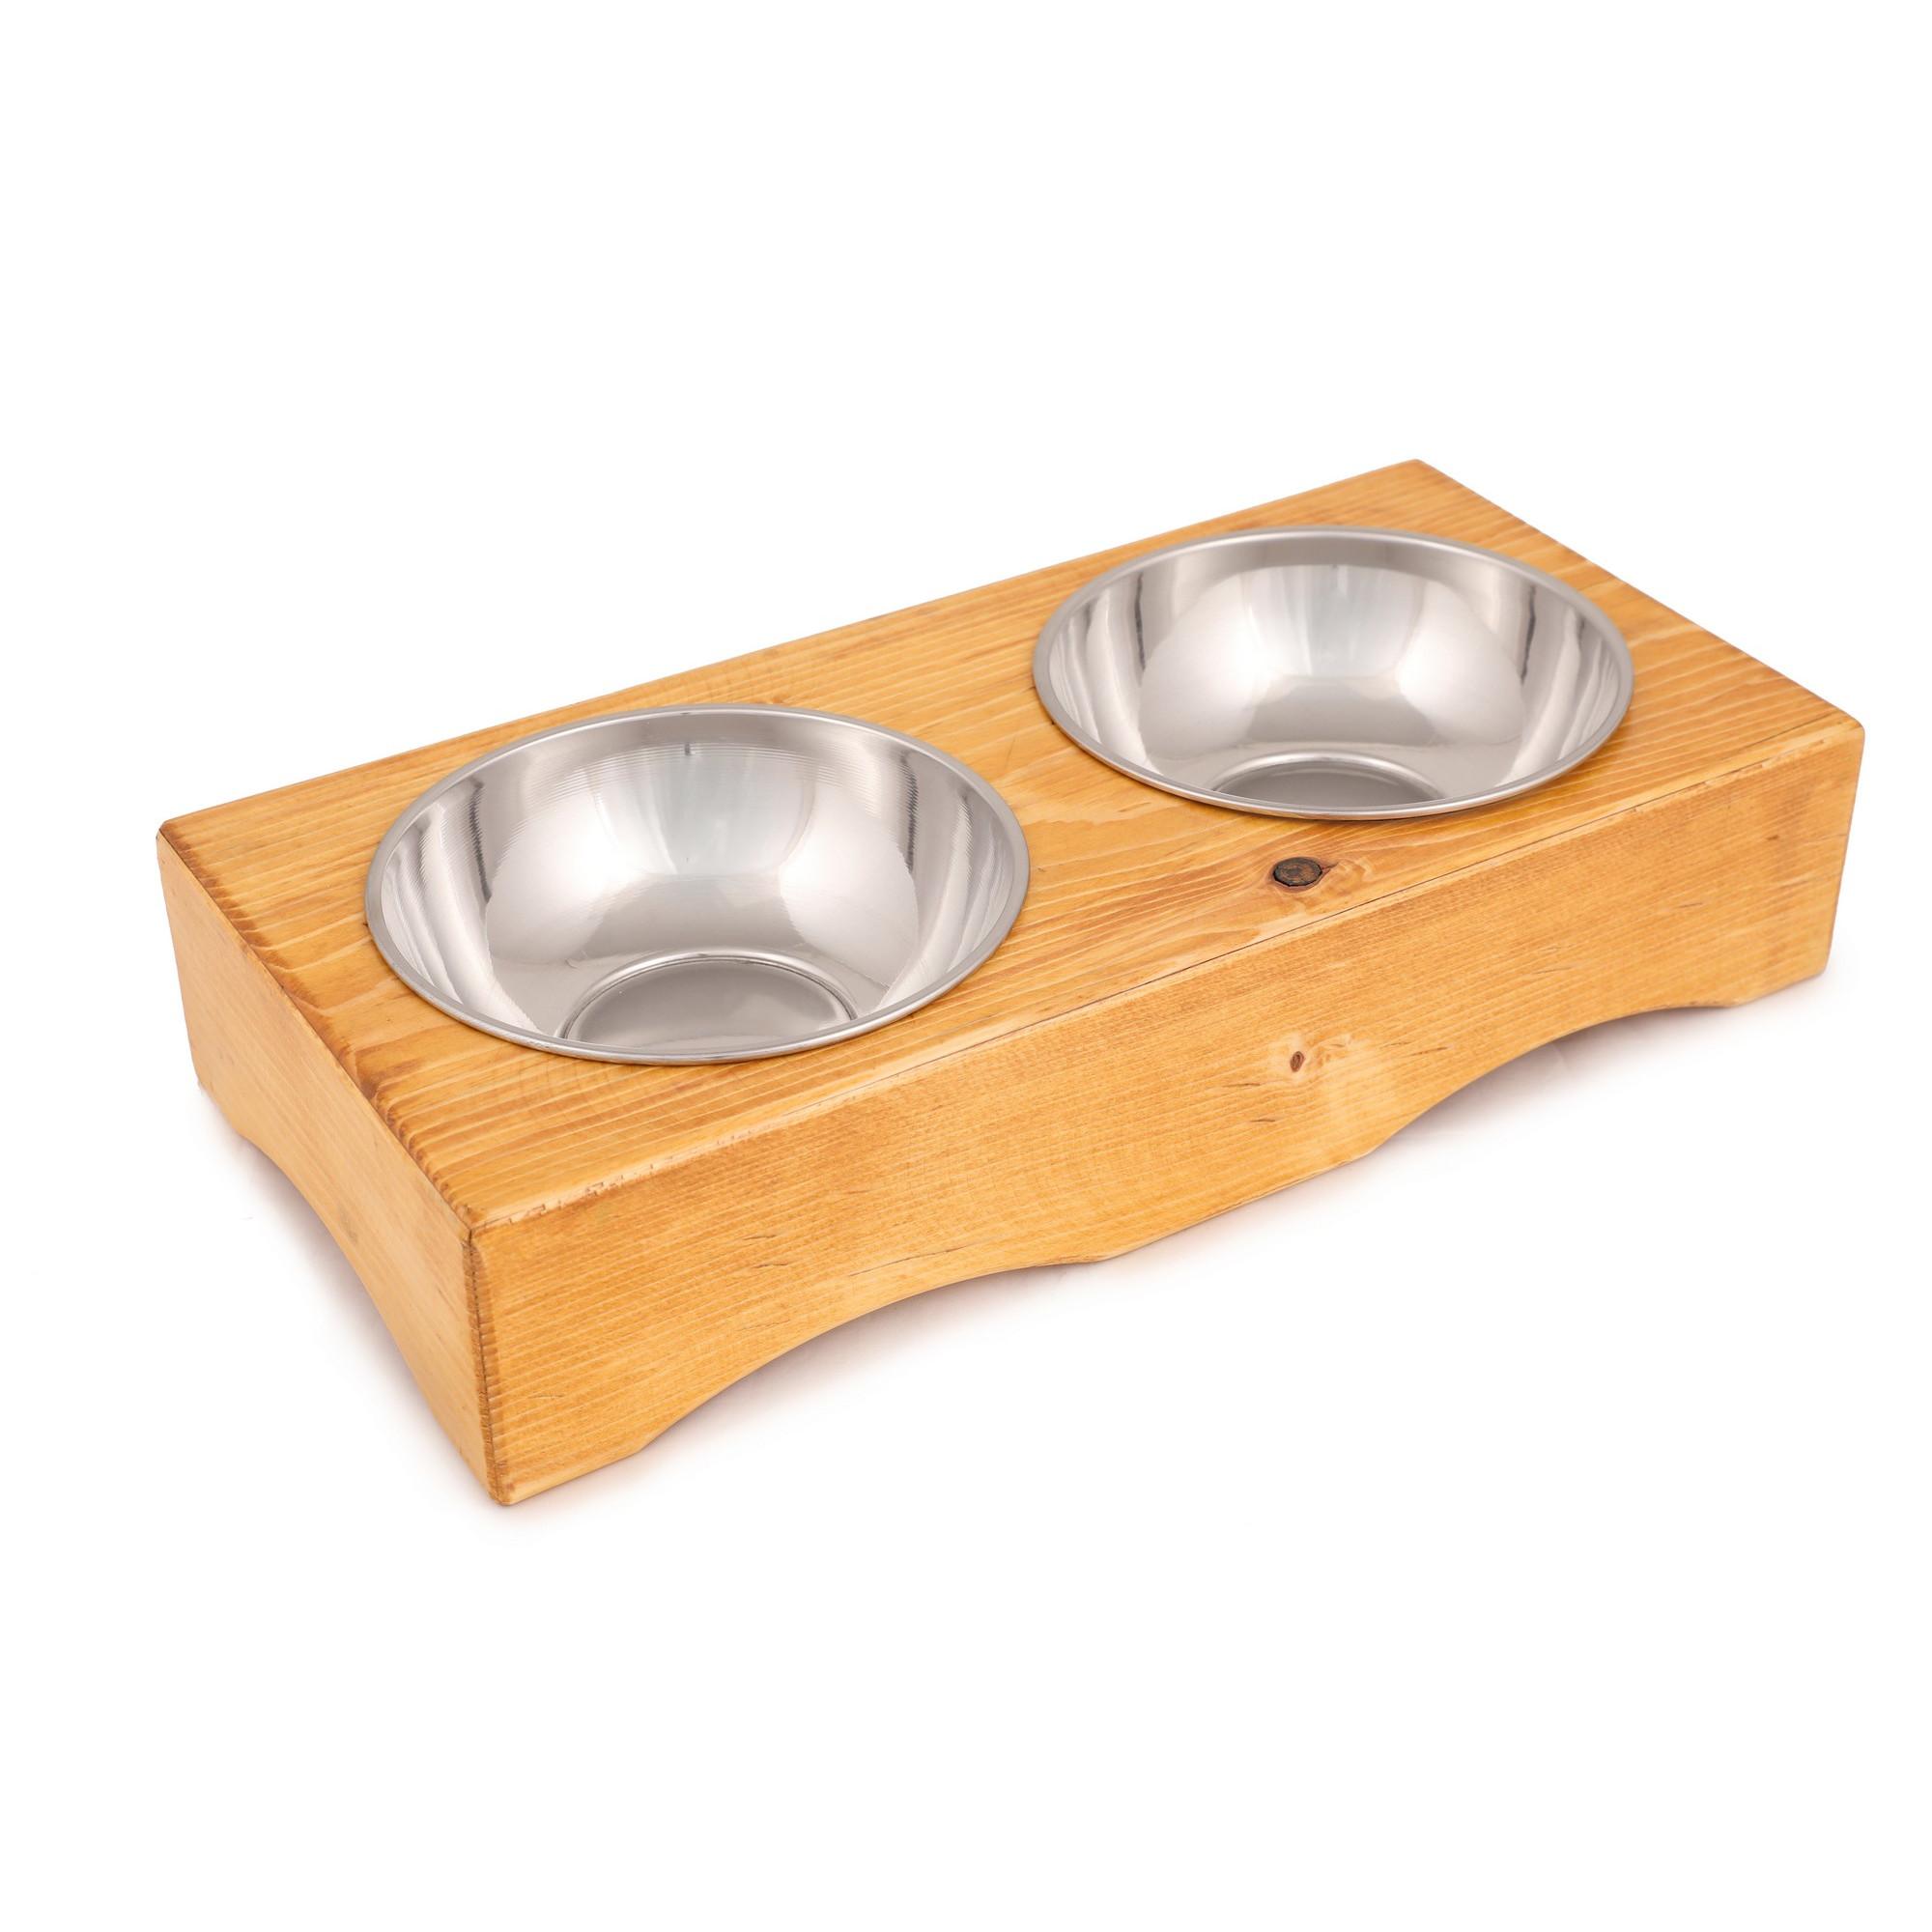 Tierfutter-Schüssel | Fichtenholz